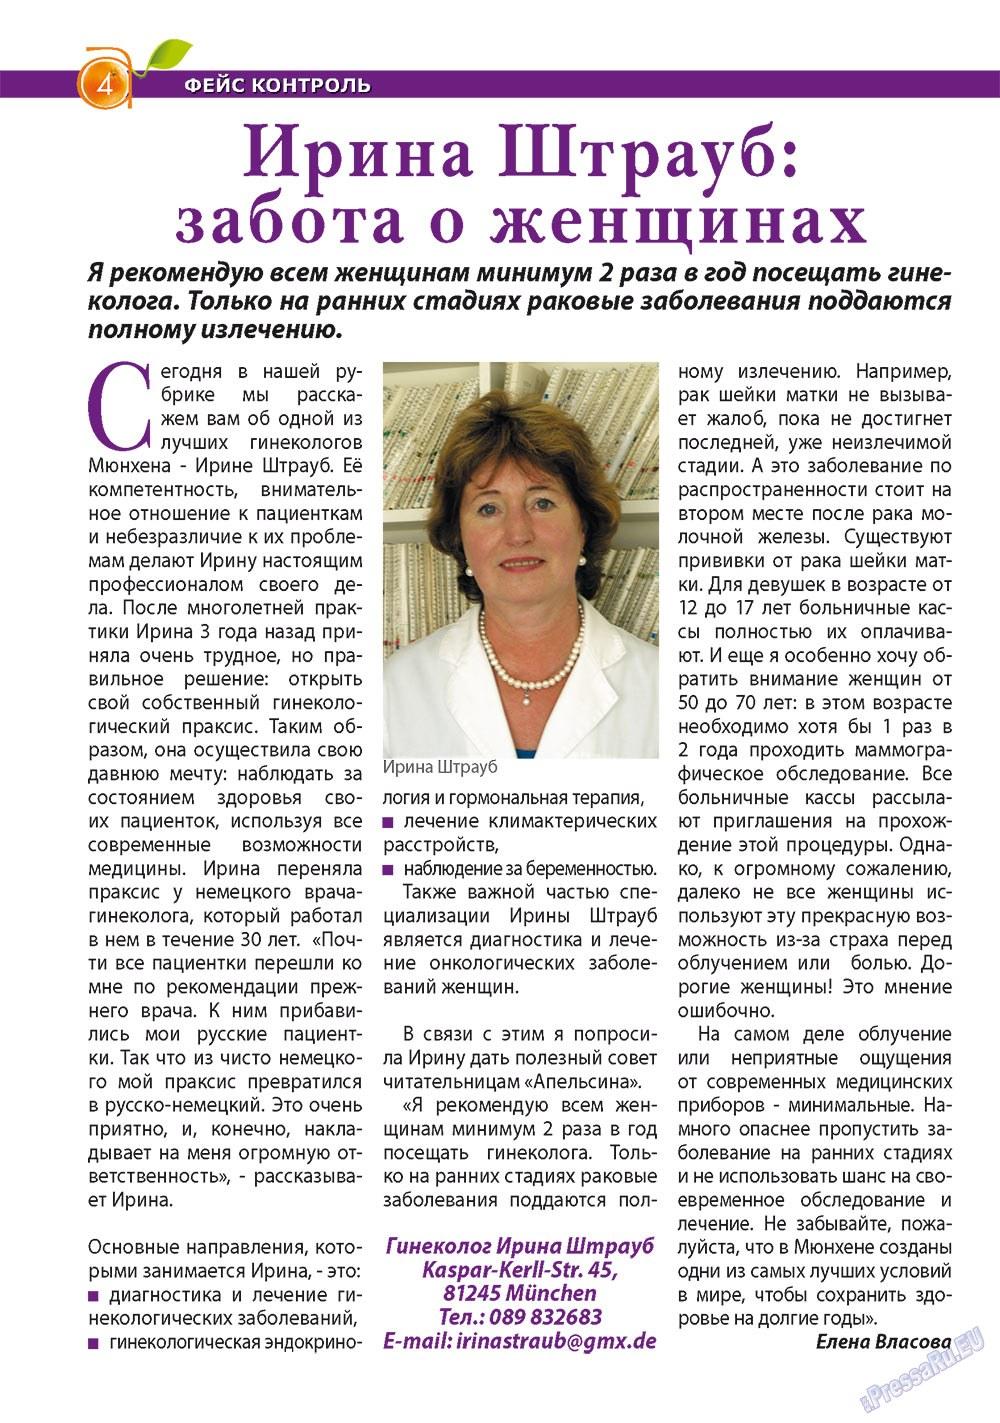 Апельсин (журнал). 2011 год, номер 28, стр. 4